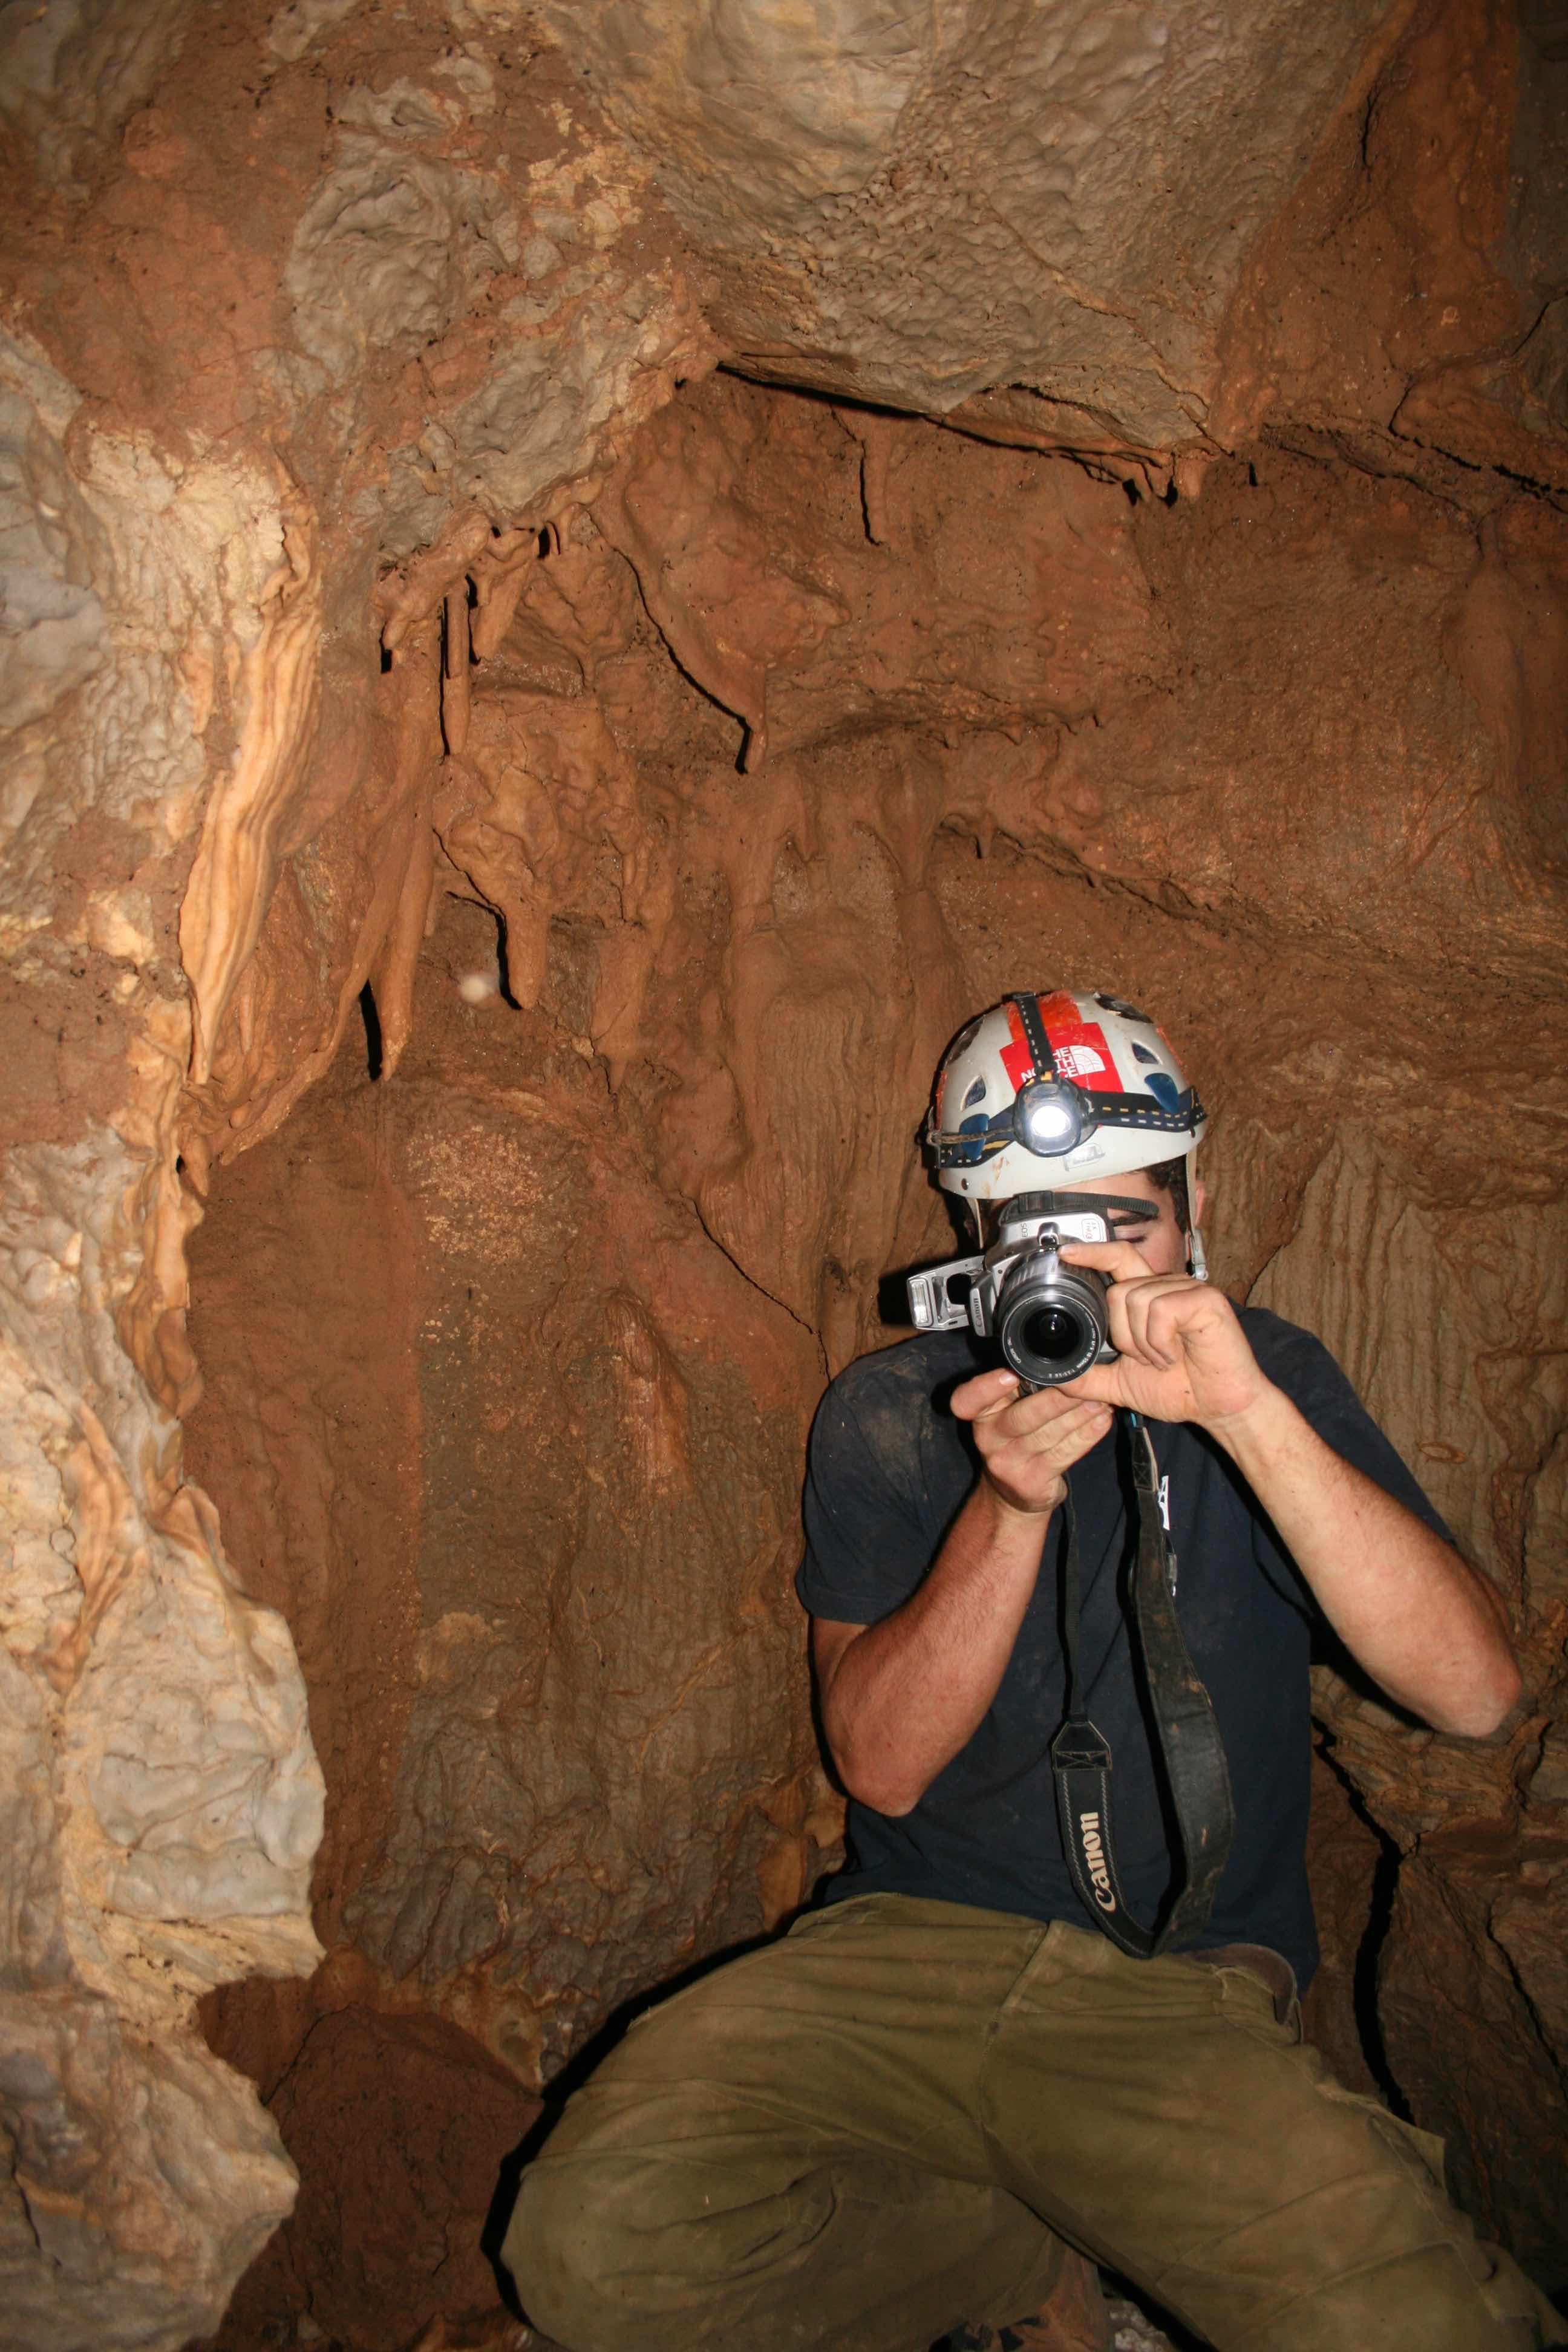 החלל בפנים המערה